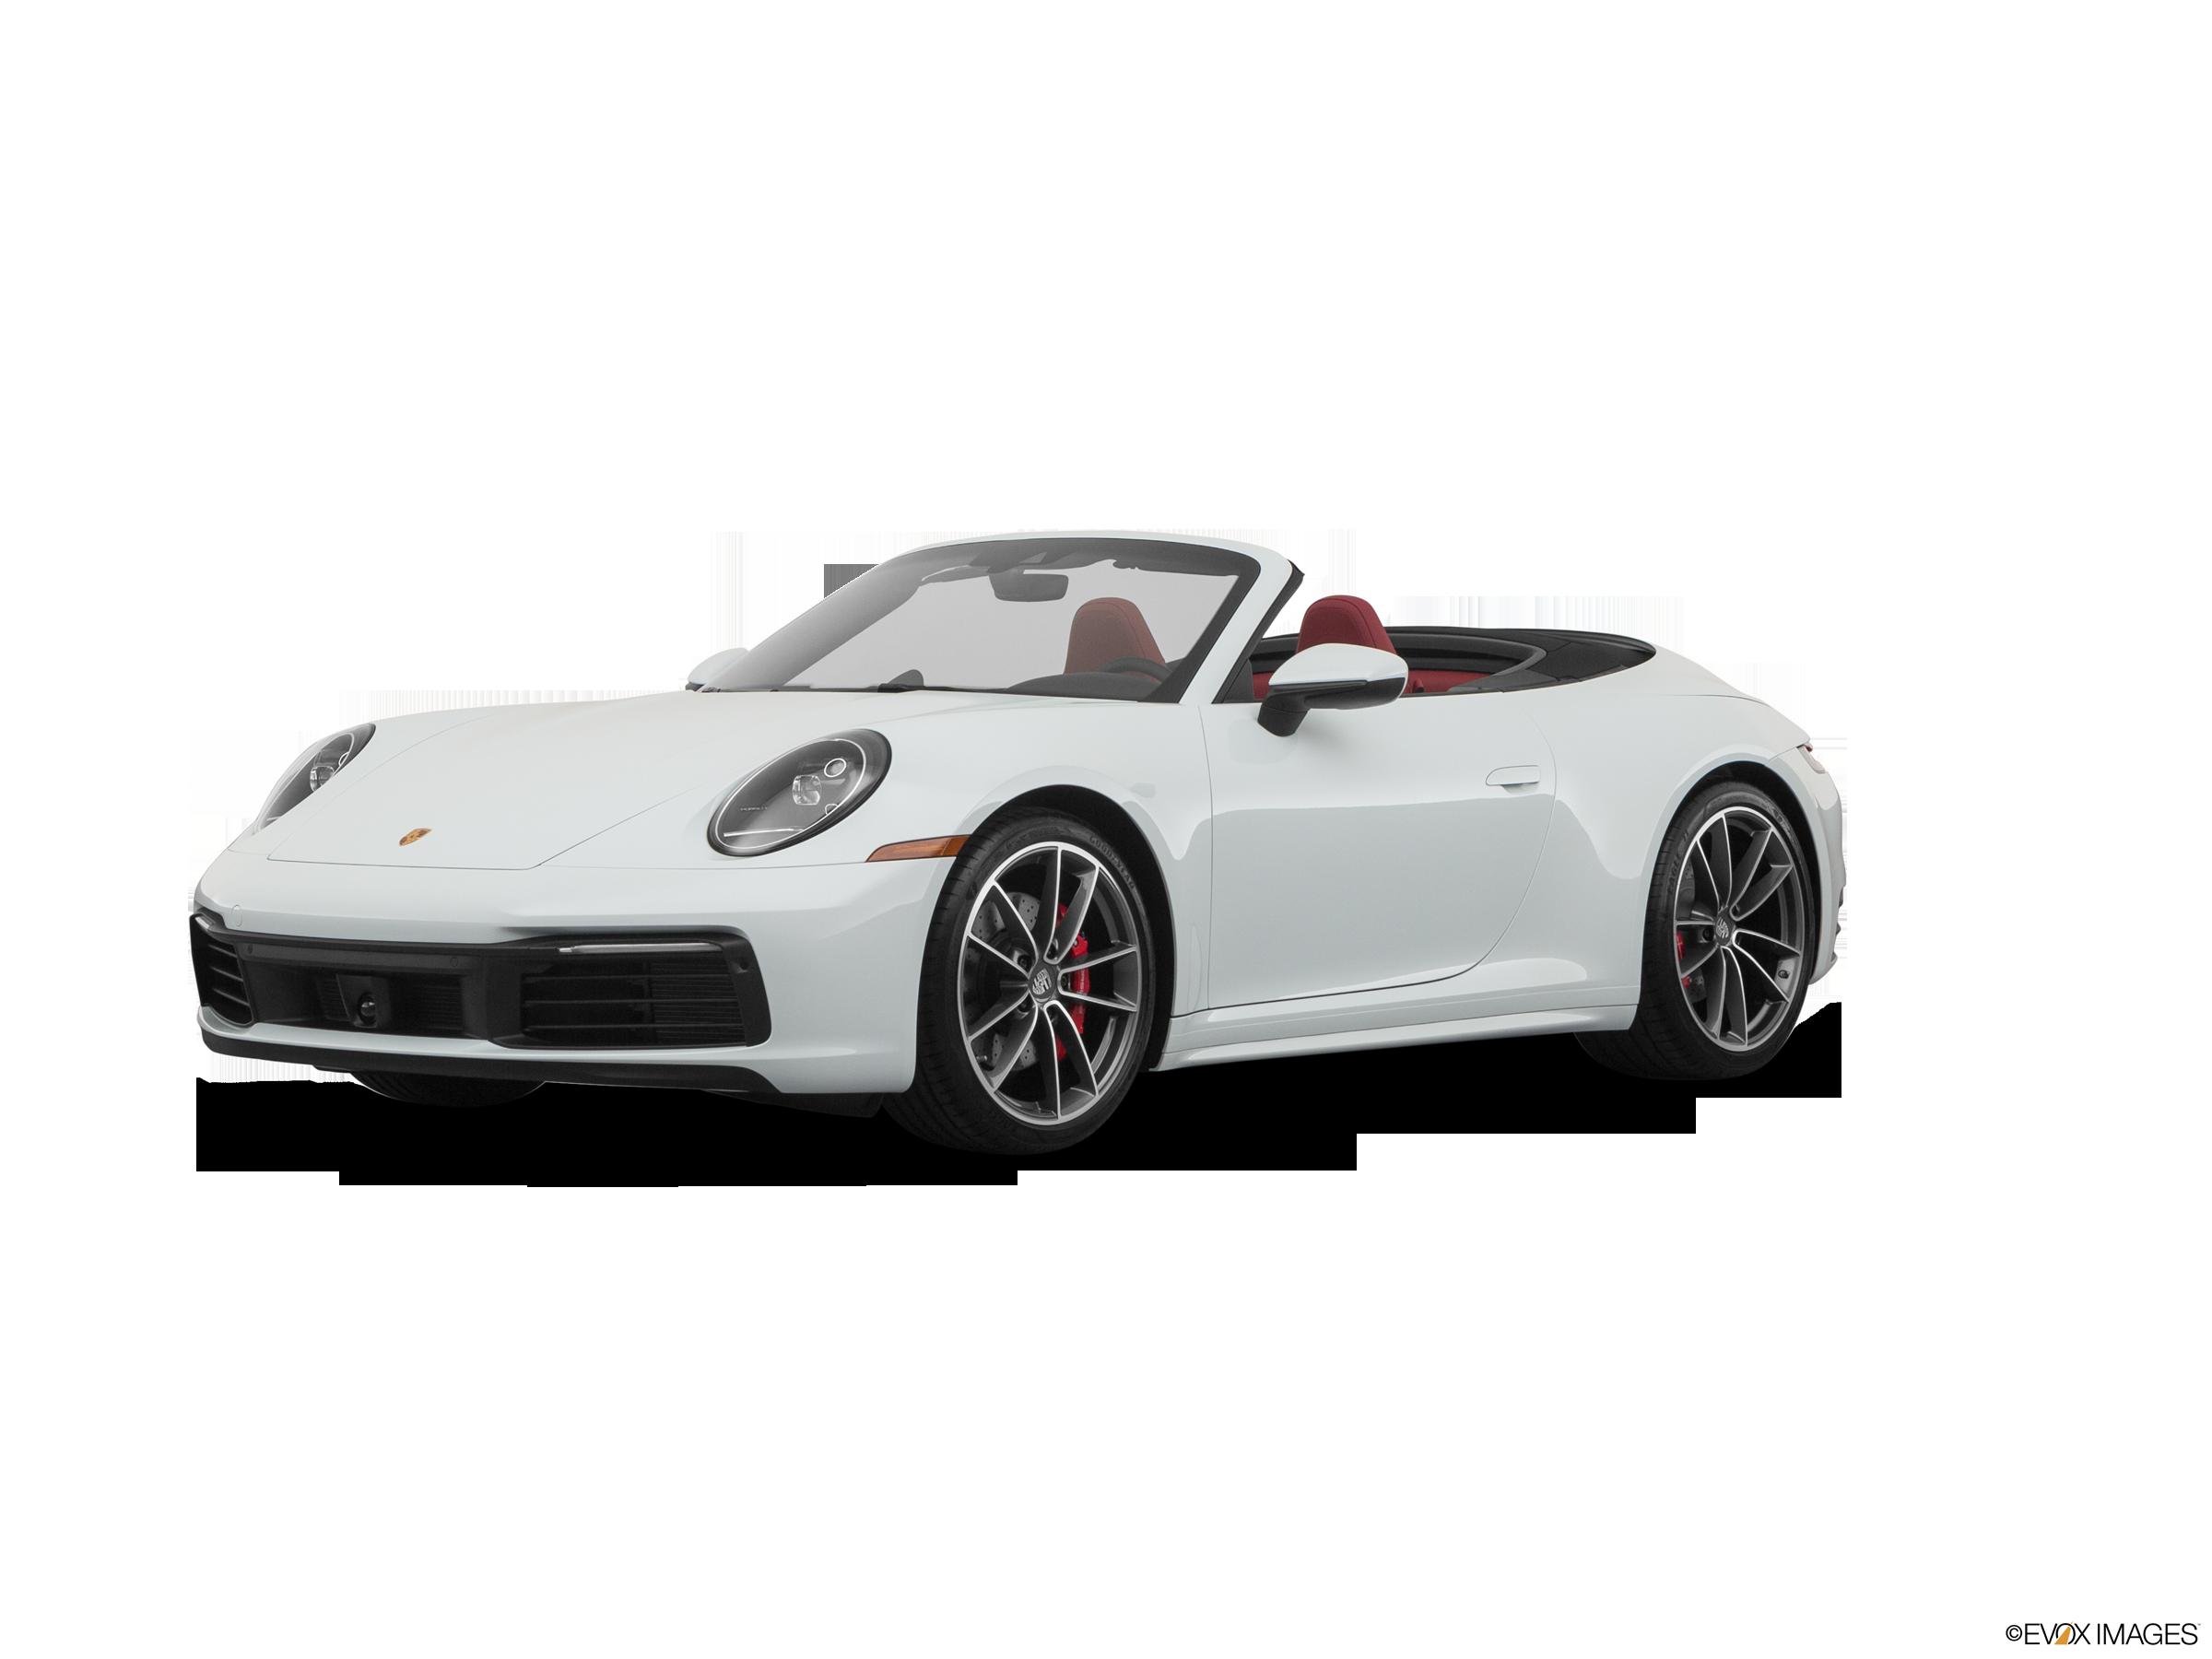 Porsche Convertible Models Kelley Blue Book